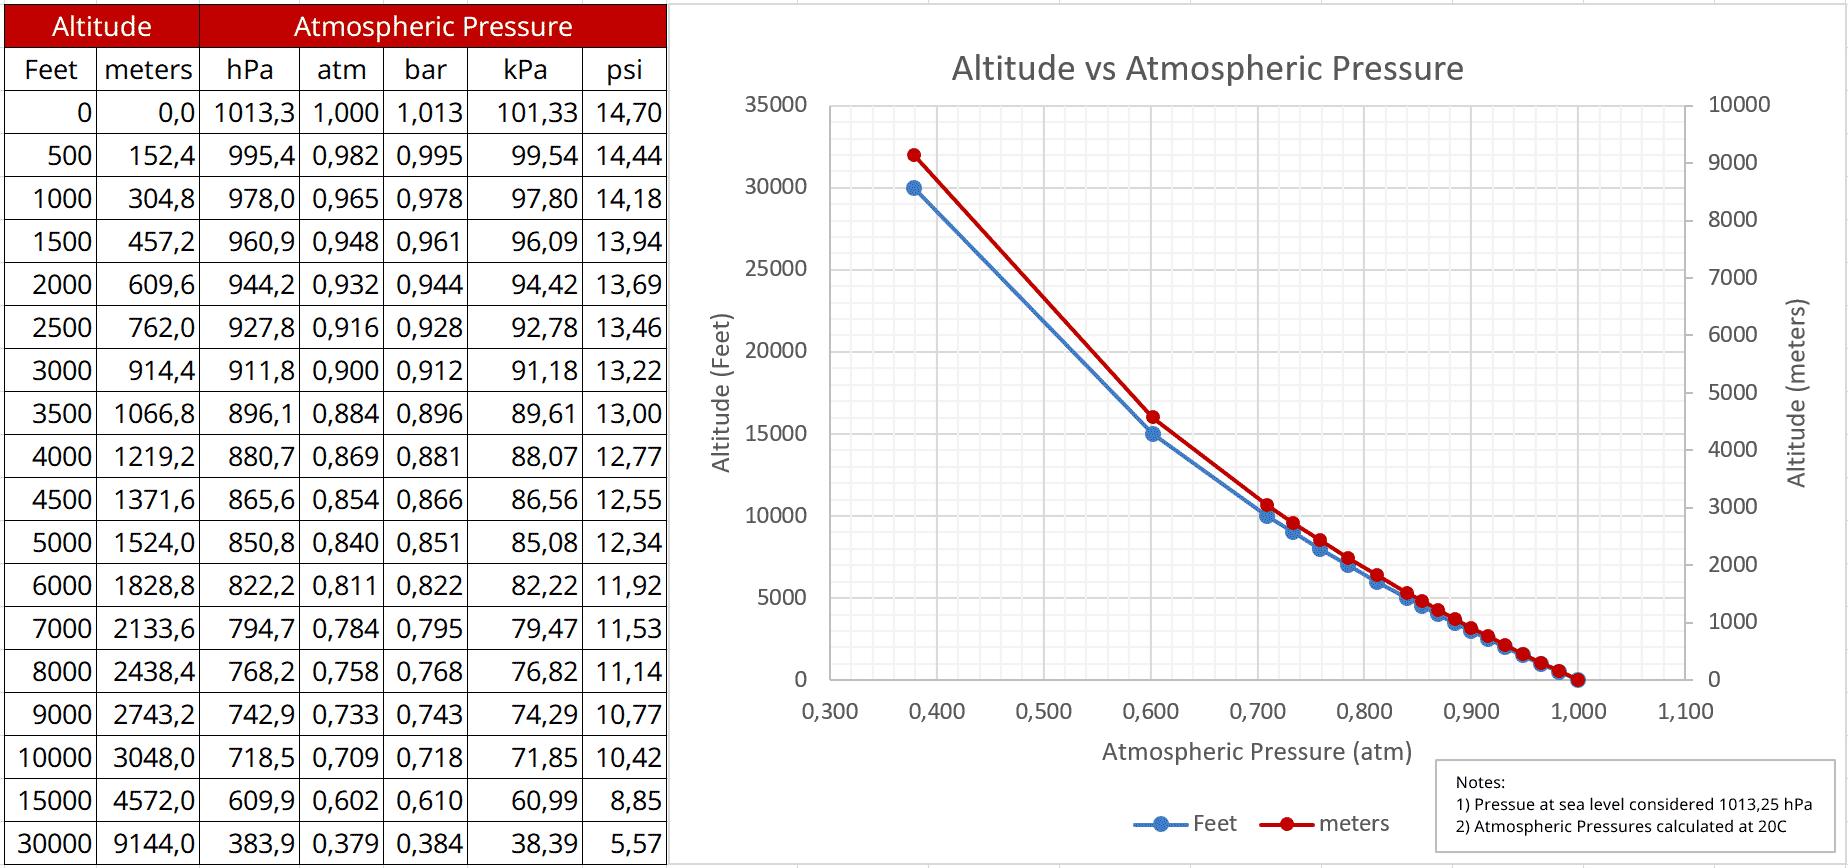 altitude vs atmospheric pressure diagram on different measurement units